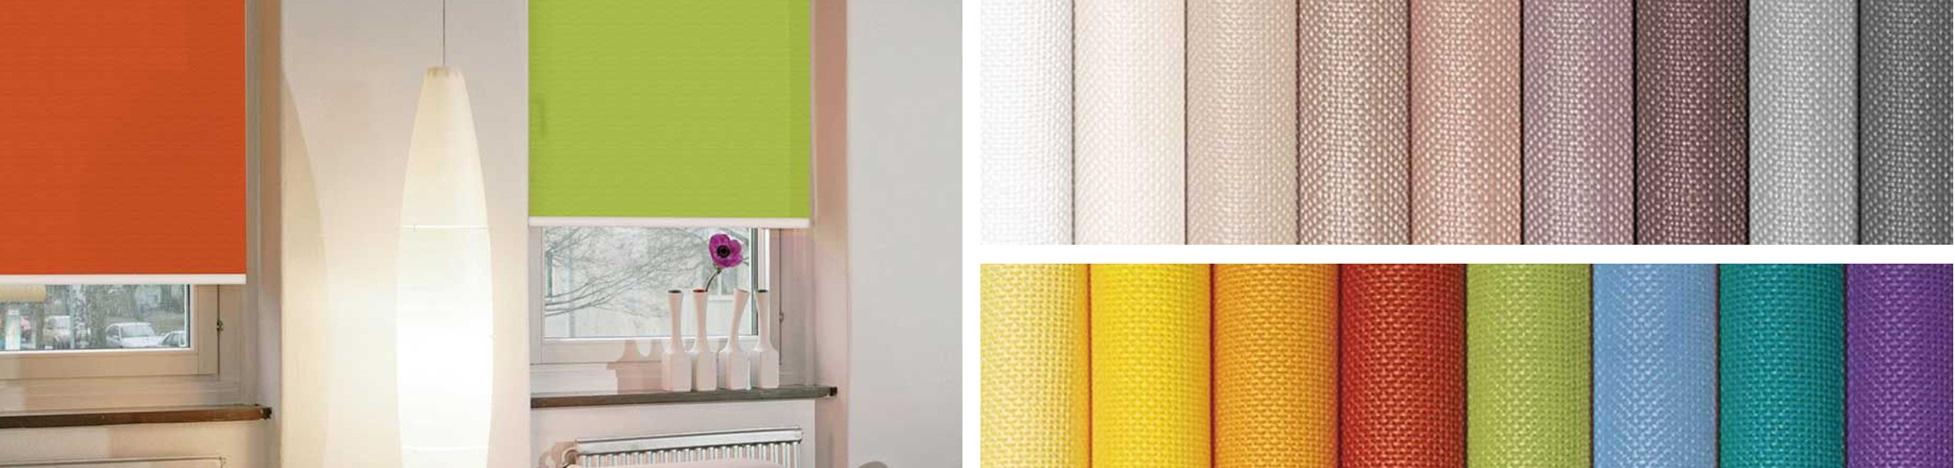 Выбор ткани для рулонных штор